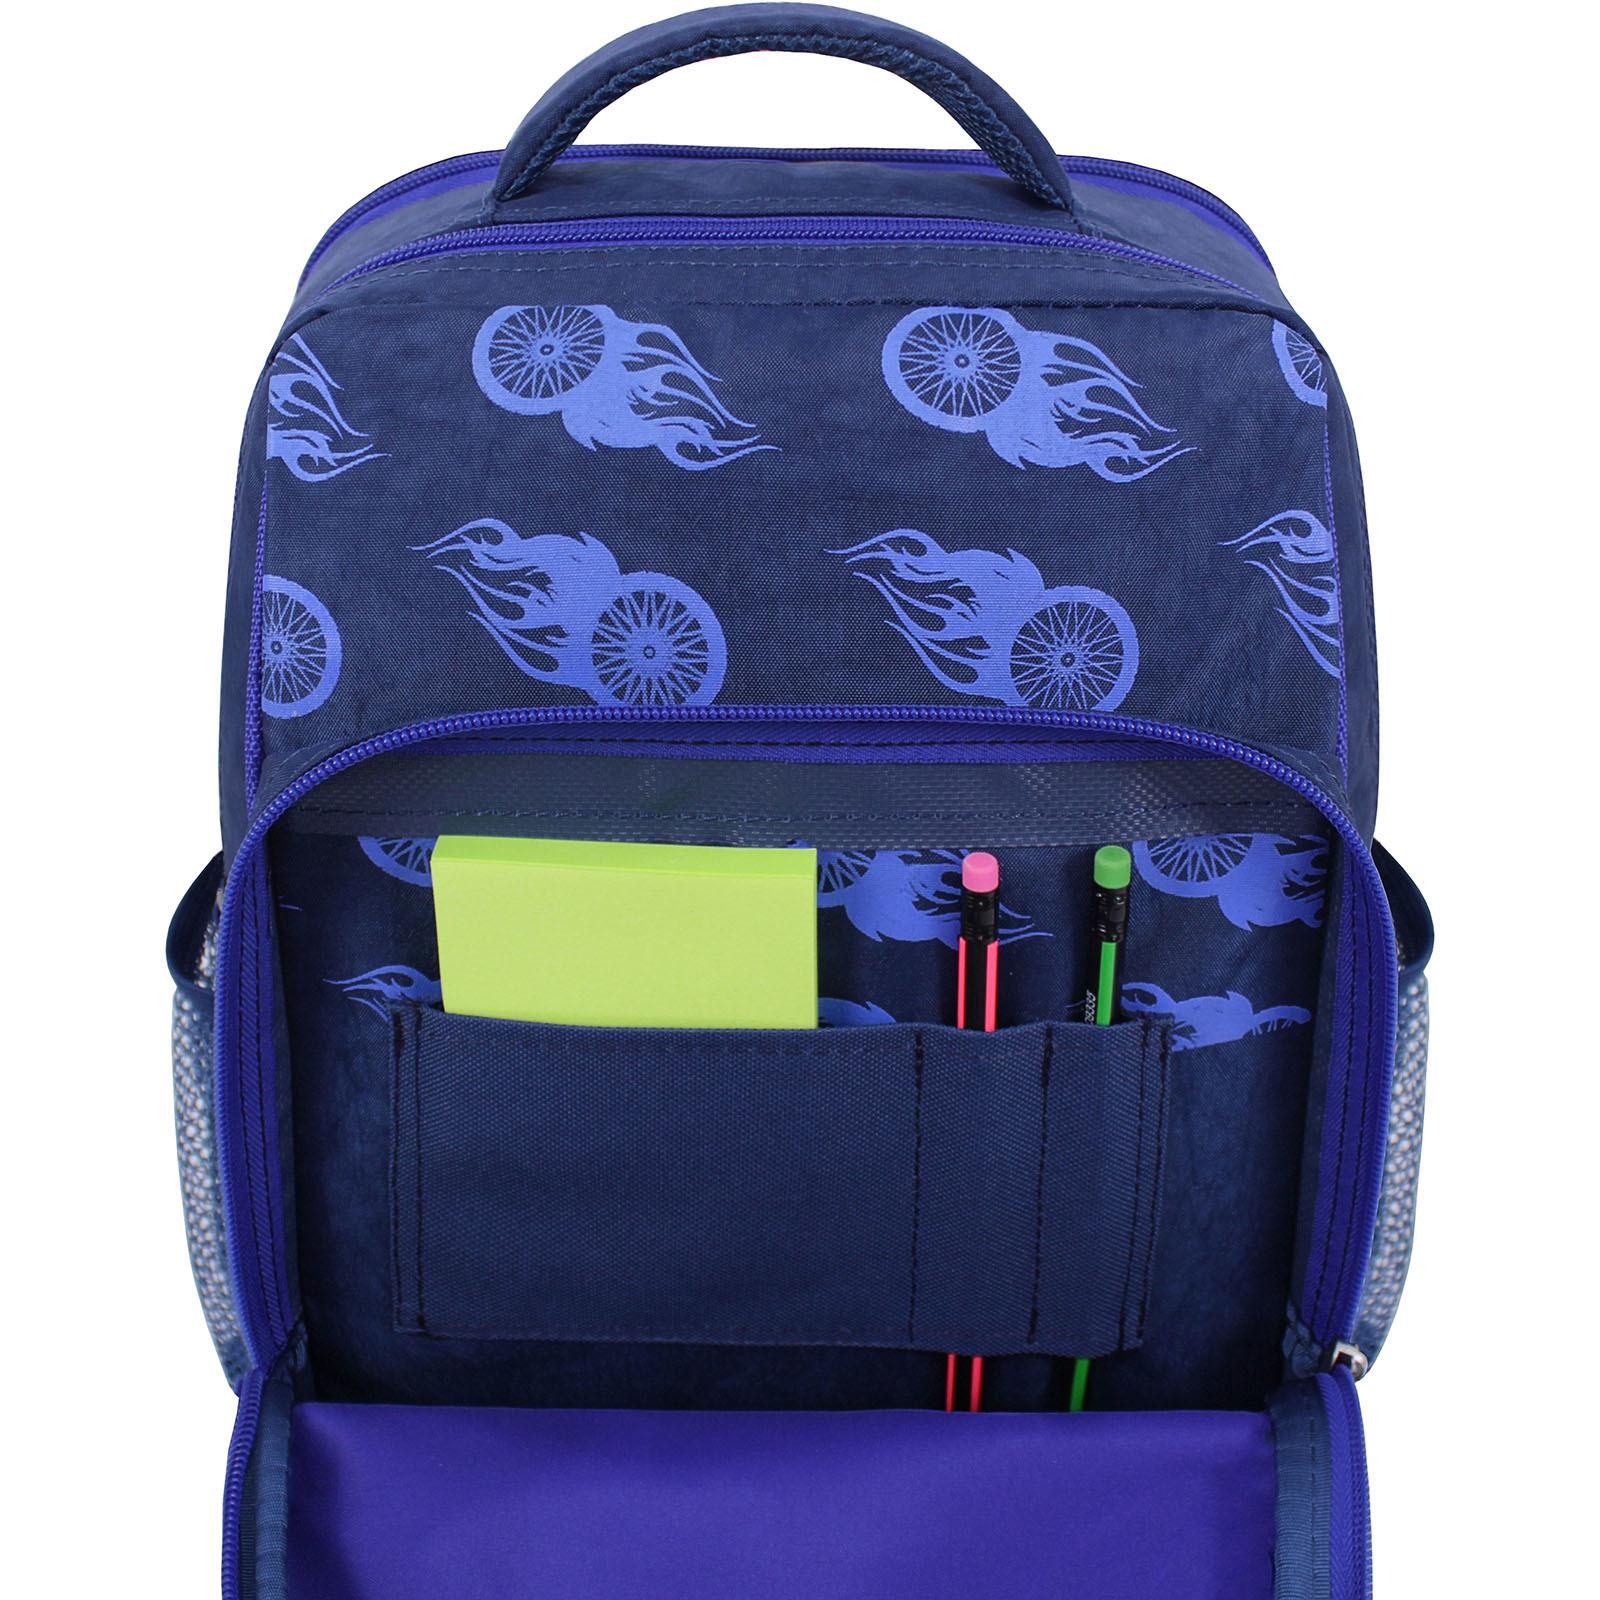 Рюкзак школьный Bagland Школьник 8 л. 225 синий 507 (00112702) фото 4